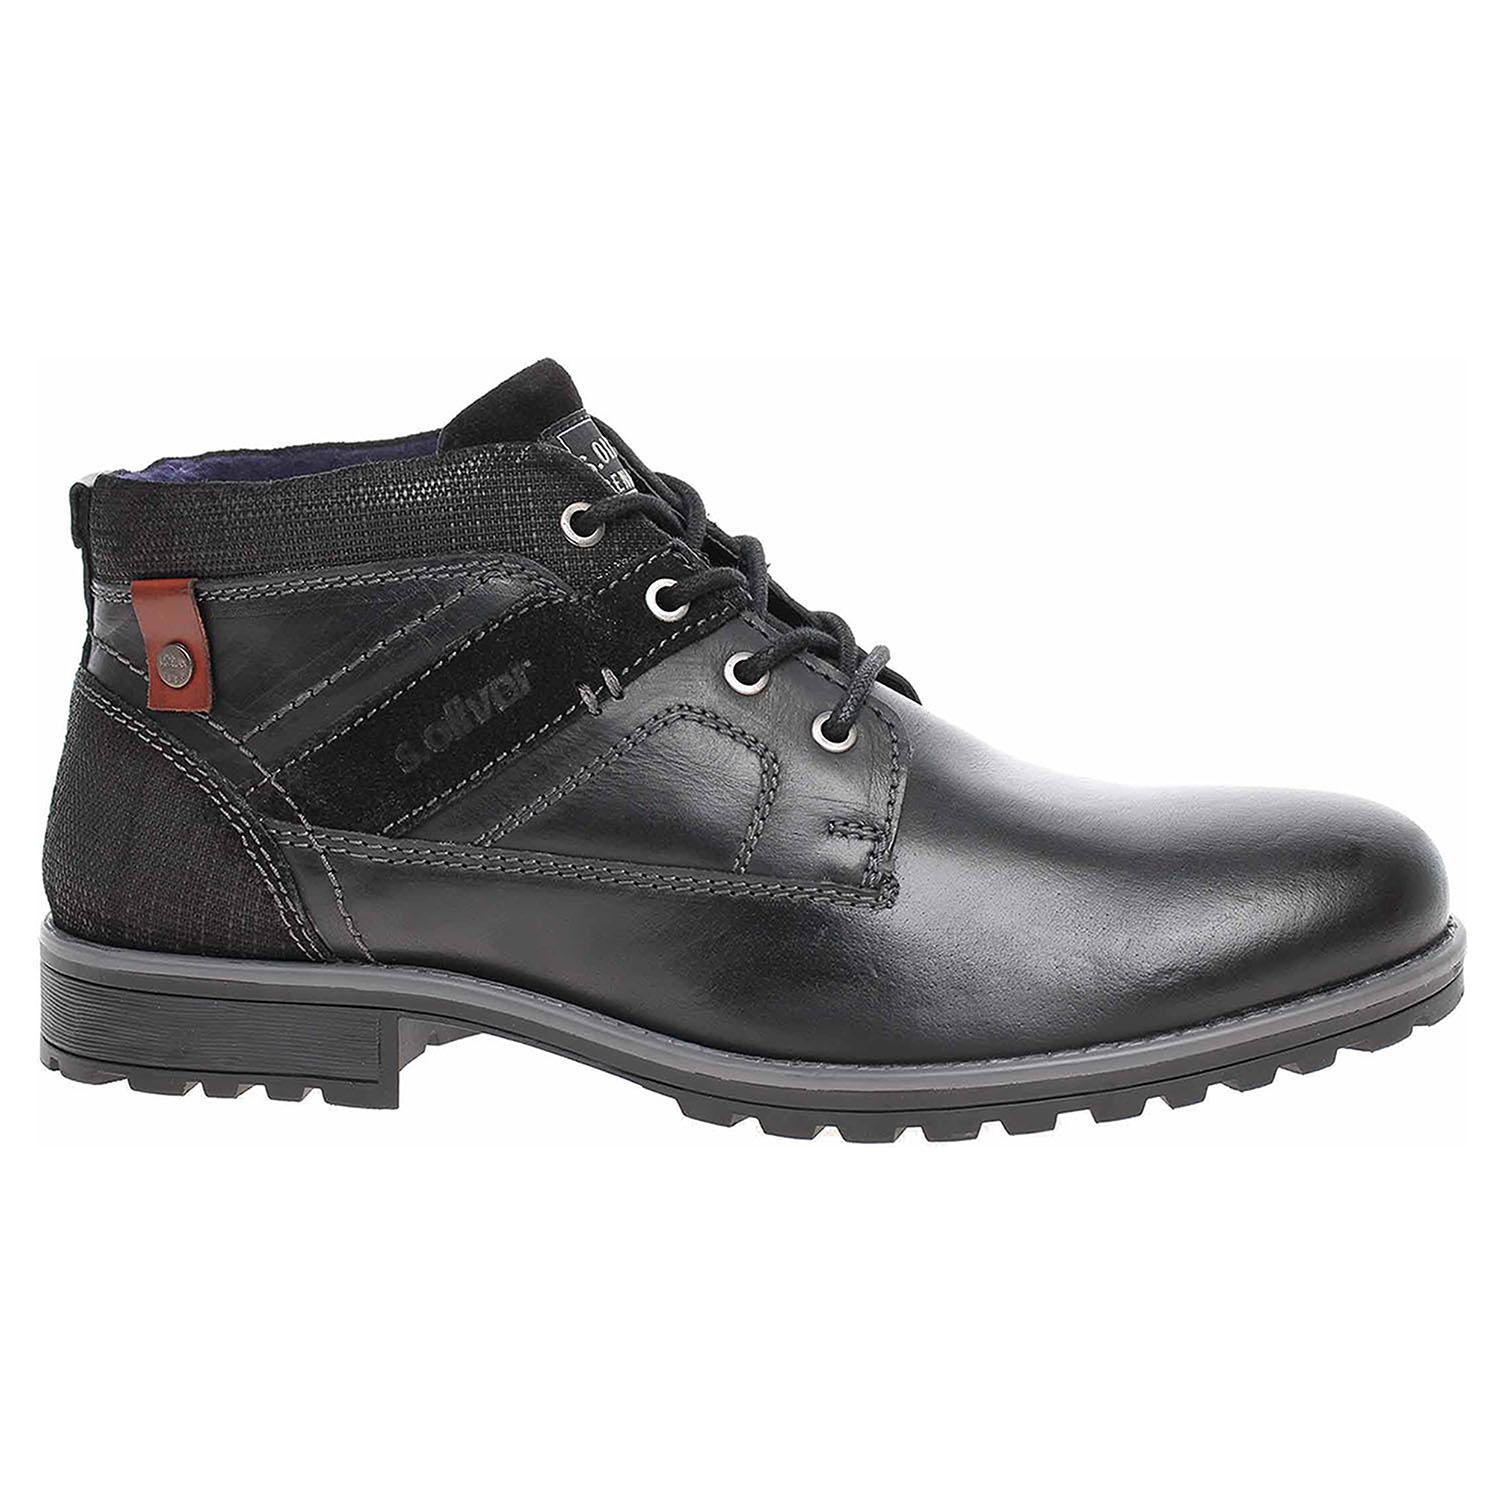 Pánská kotníková obuv s.Oliver 5-15232-23 black 5-5-15232-23 001 45